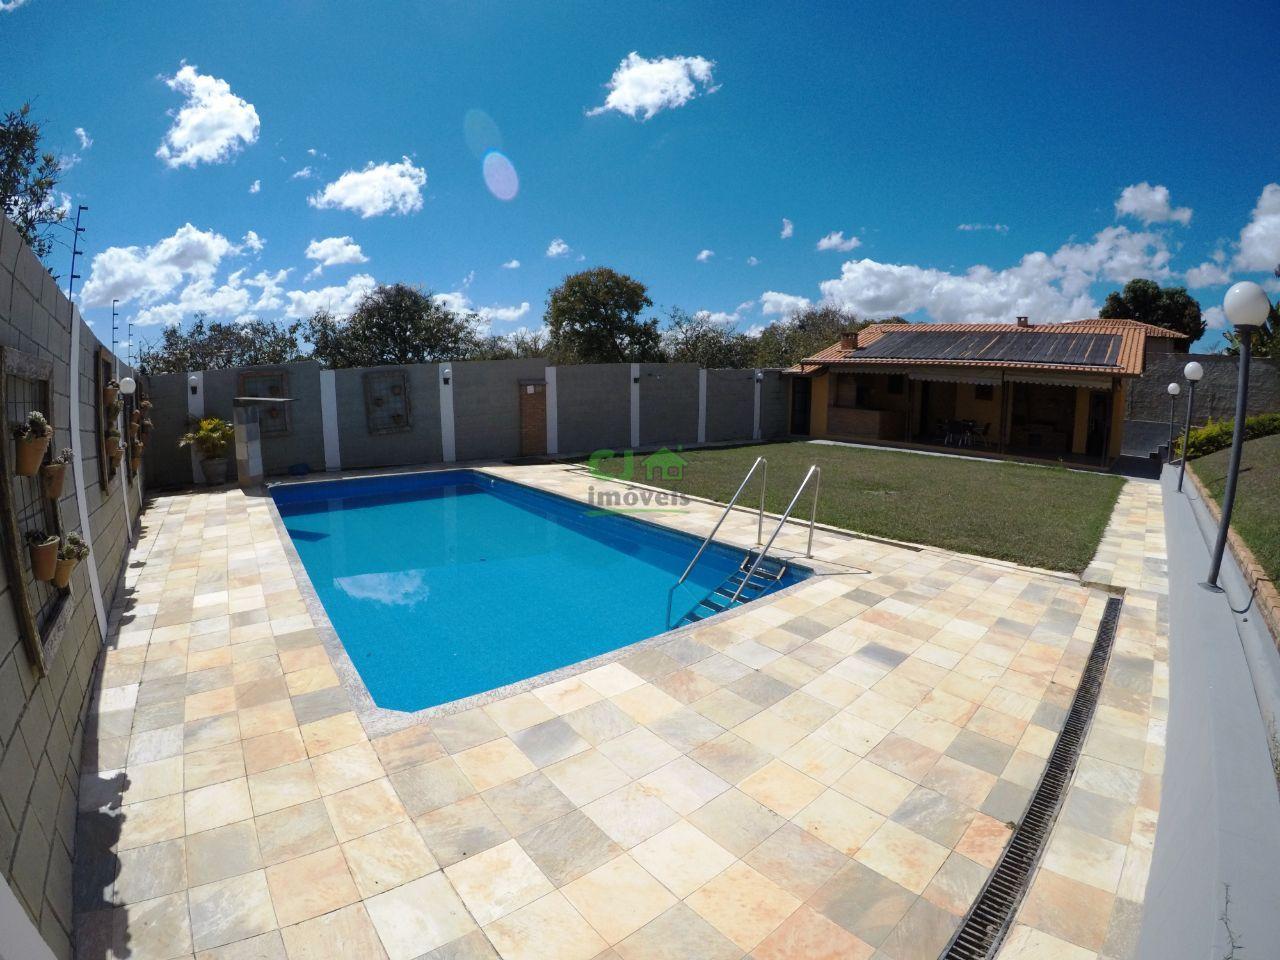 casa-com-piscina-lagoa-santa-mg